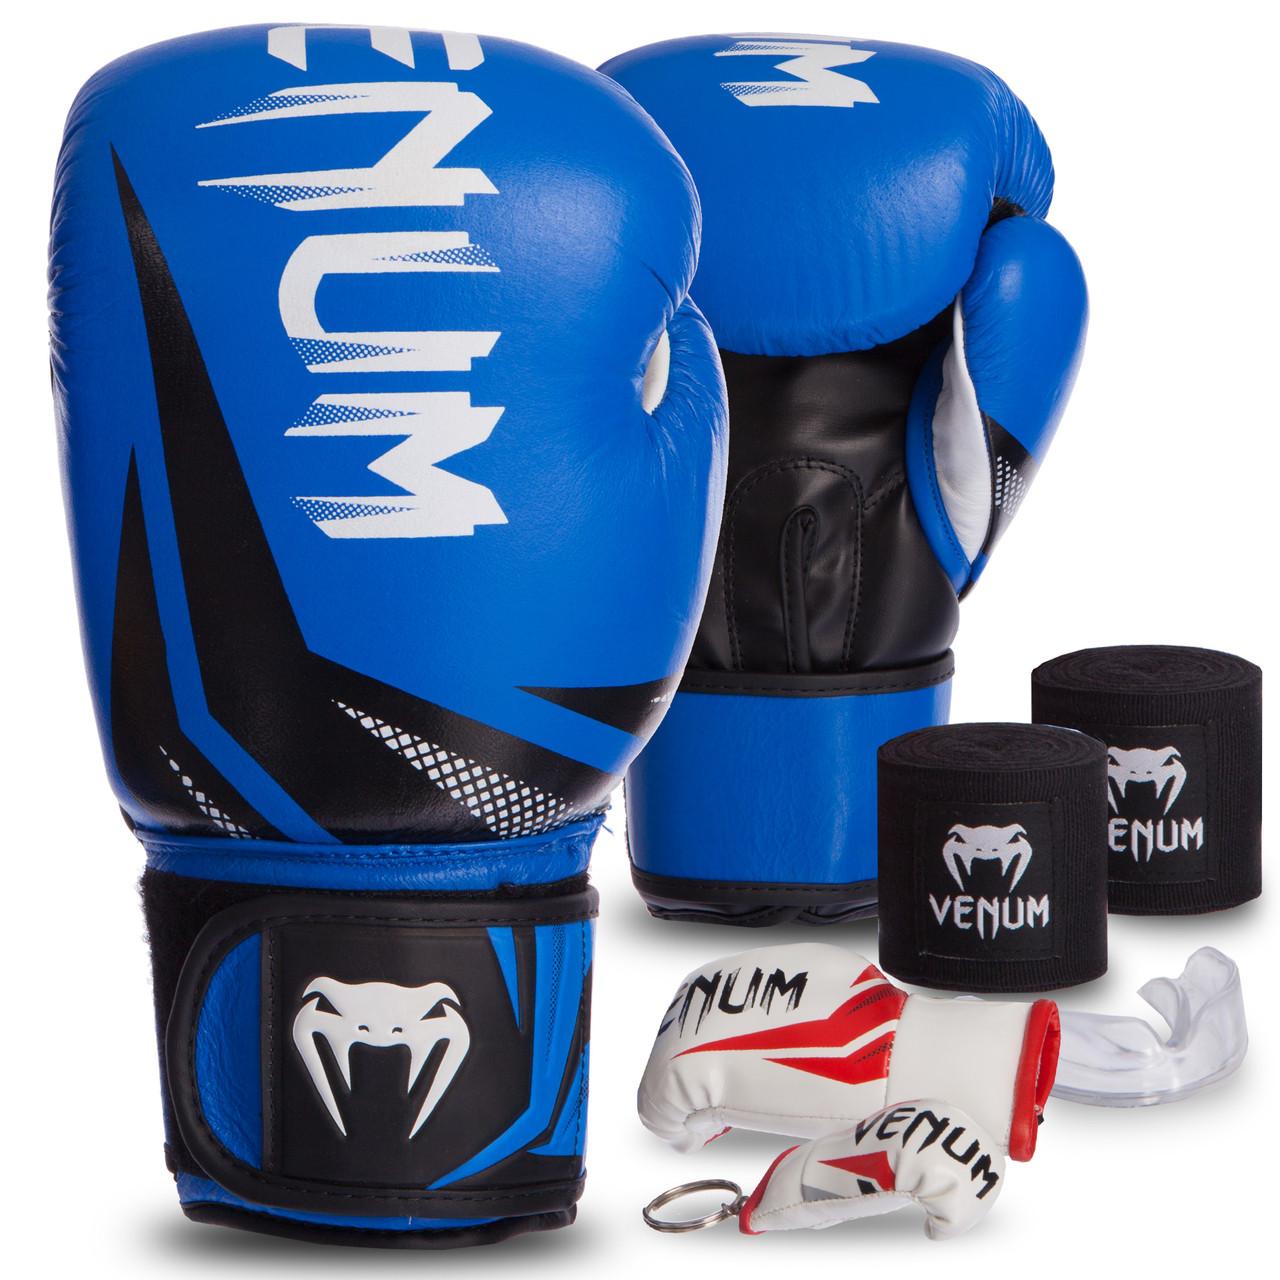 Боксерский набор 5в1 Venum (перчатки 10-14oz кожаные, бинты, капа, брелоки 2уп, упаковка коробка) Красный 10 унции PZ-016_1